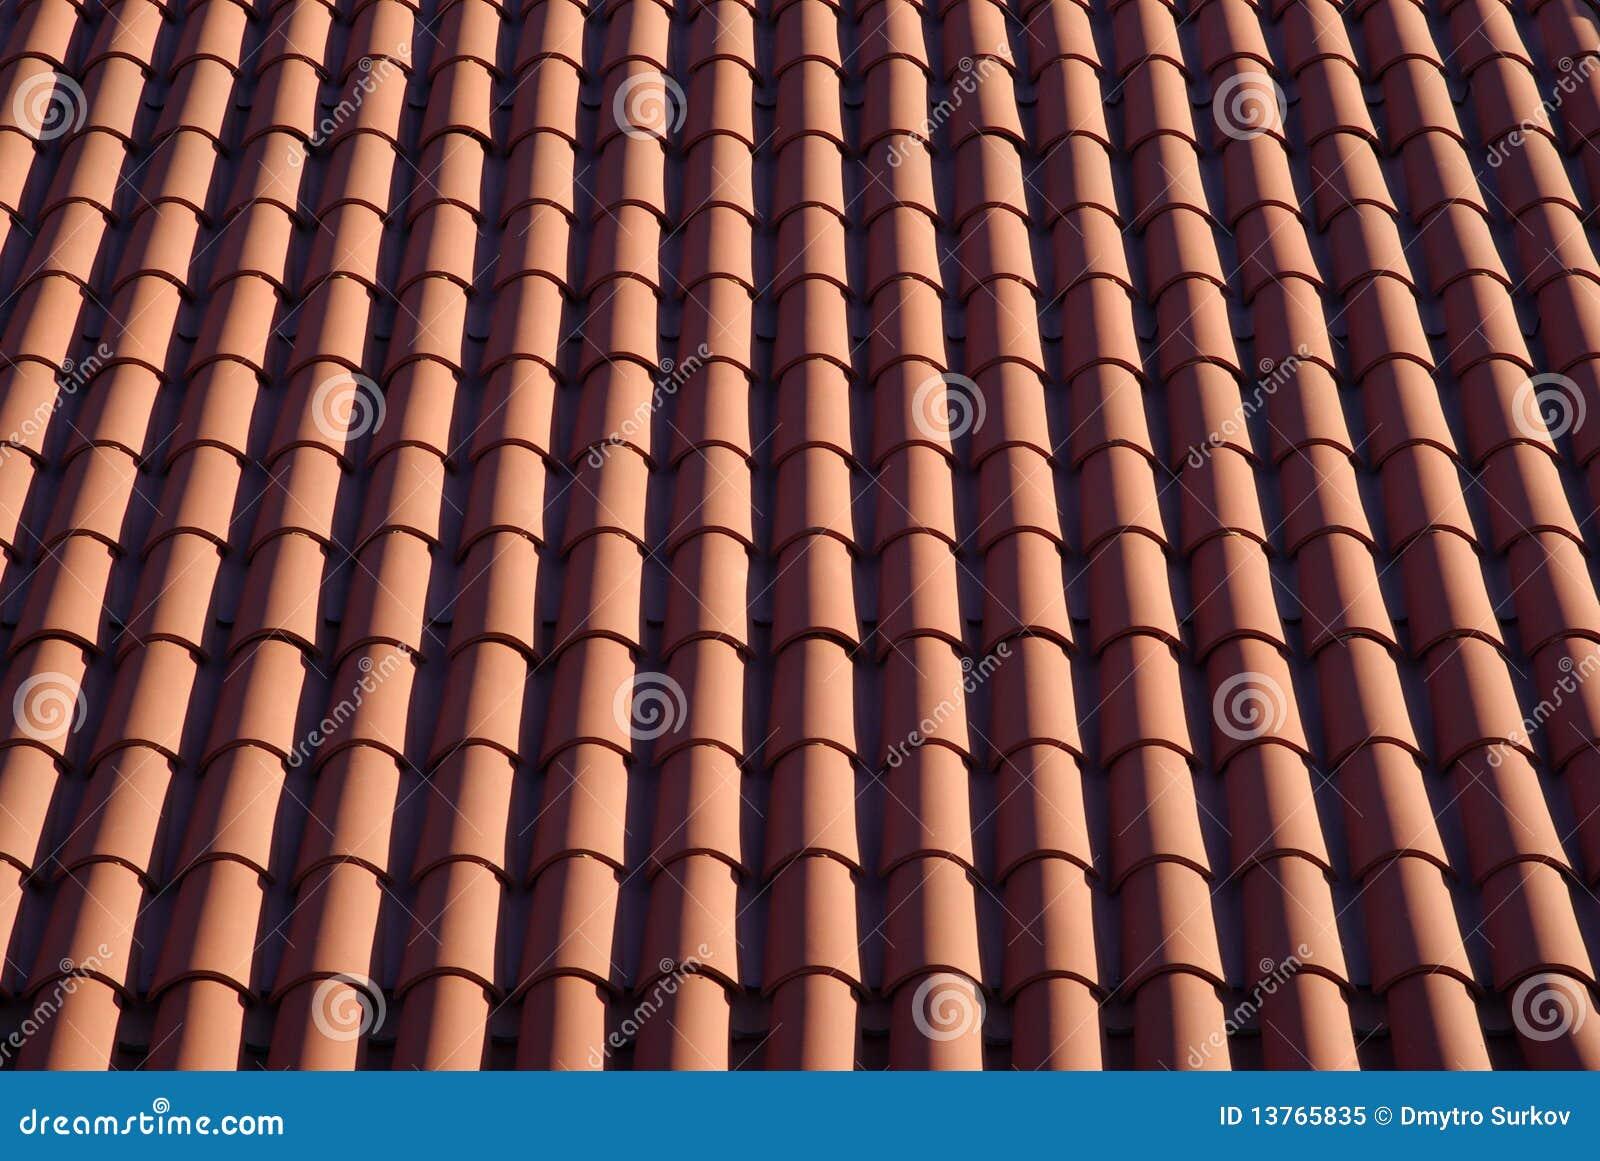 fondo de los azulejos de material para techos foto de archivo libre de regalas